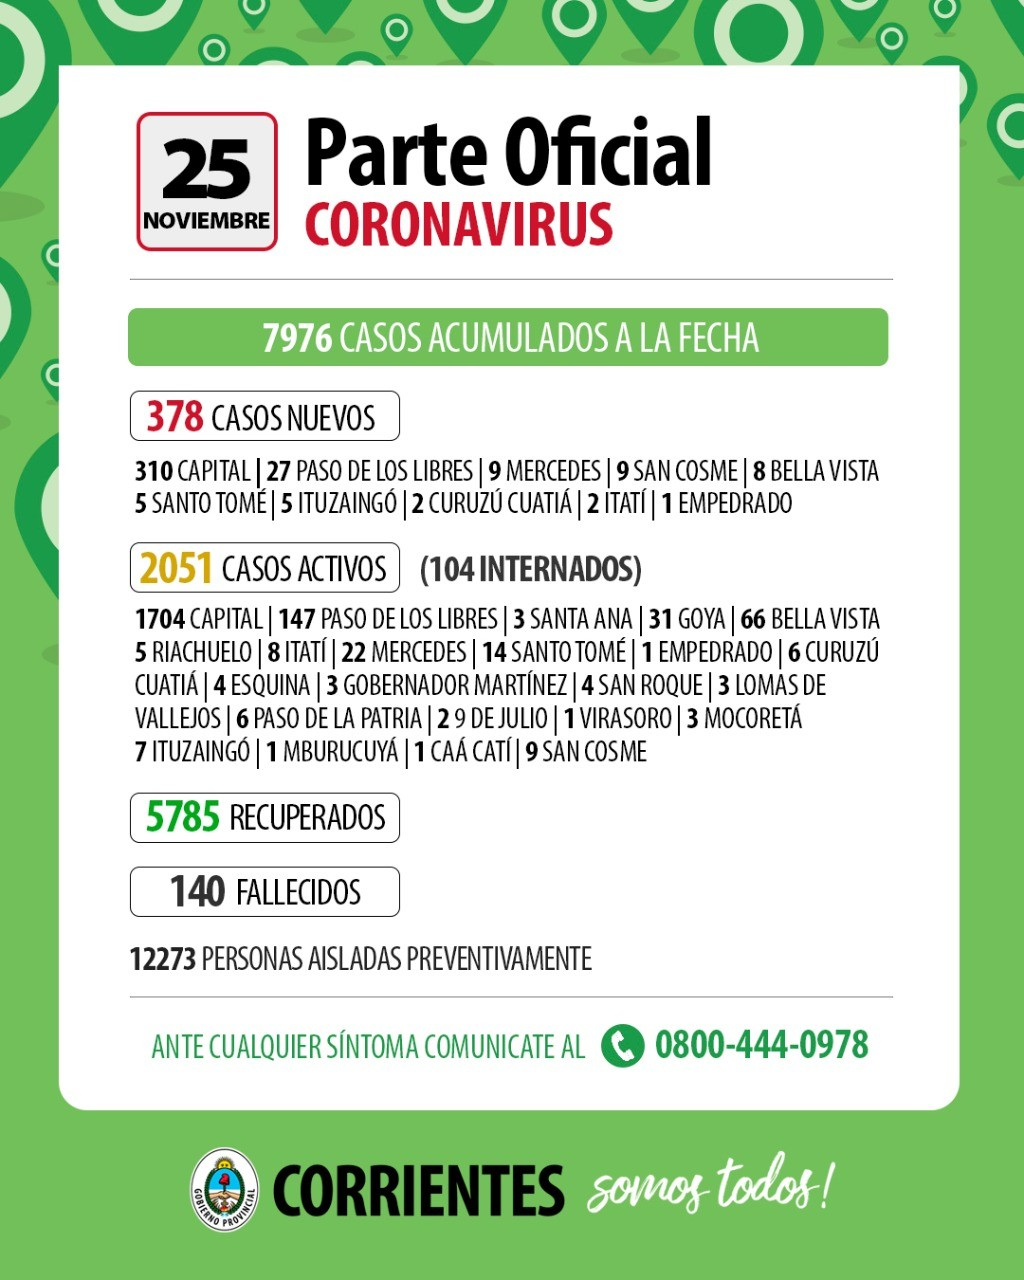 Informan de 378 nuevos casos de coronavirus en Corrientes